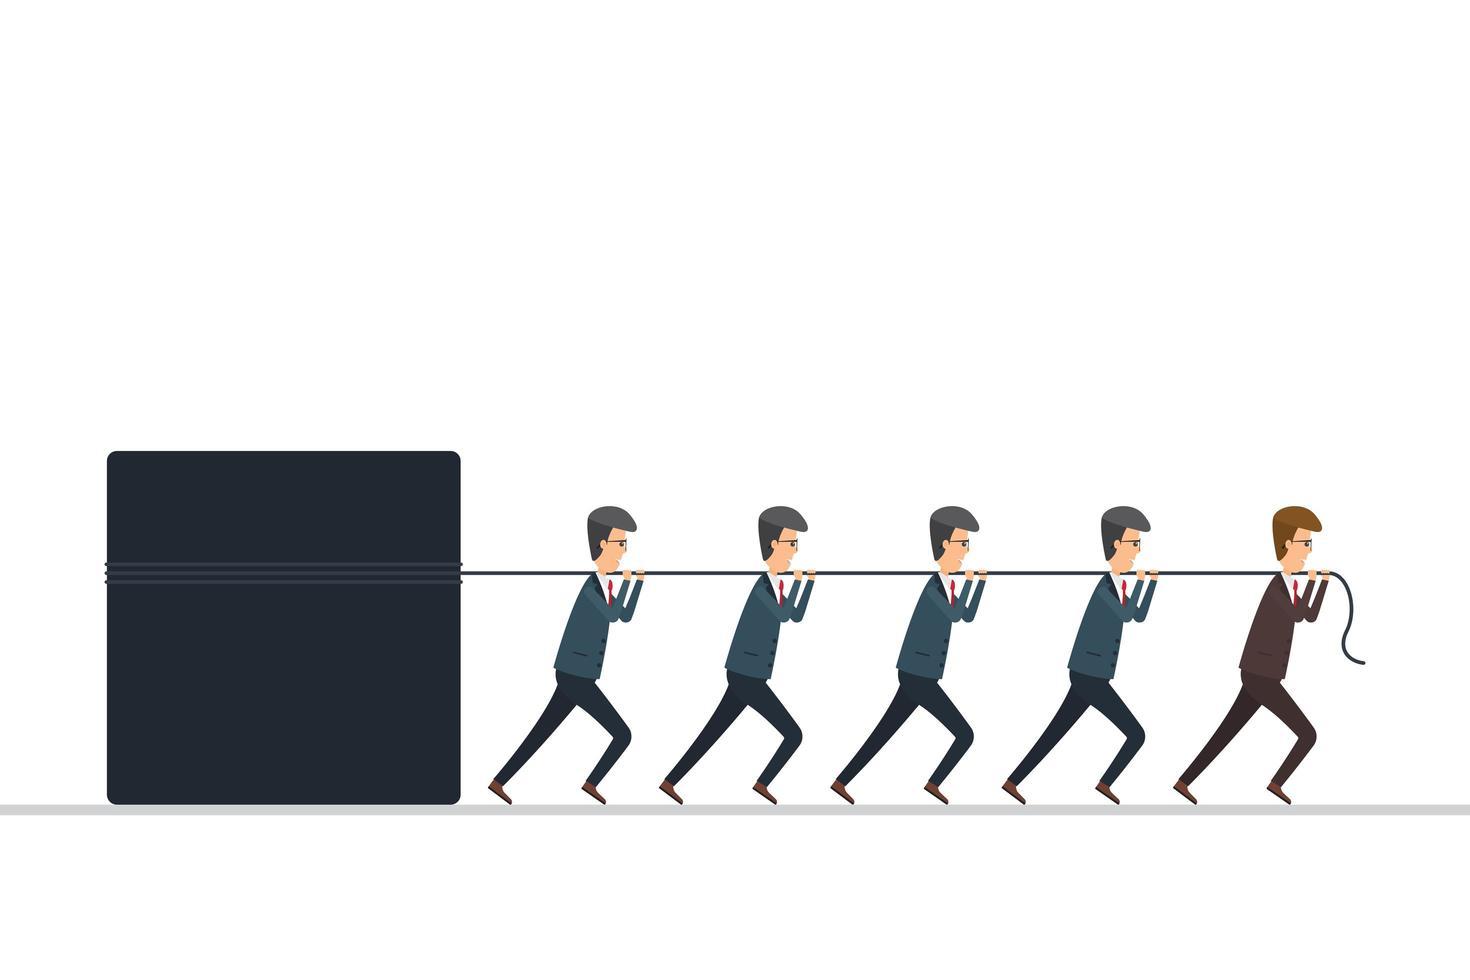 ledarskapskoncept. ledare arbetar med arbetsgivare. vektorillustration i platt design. vektor